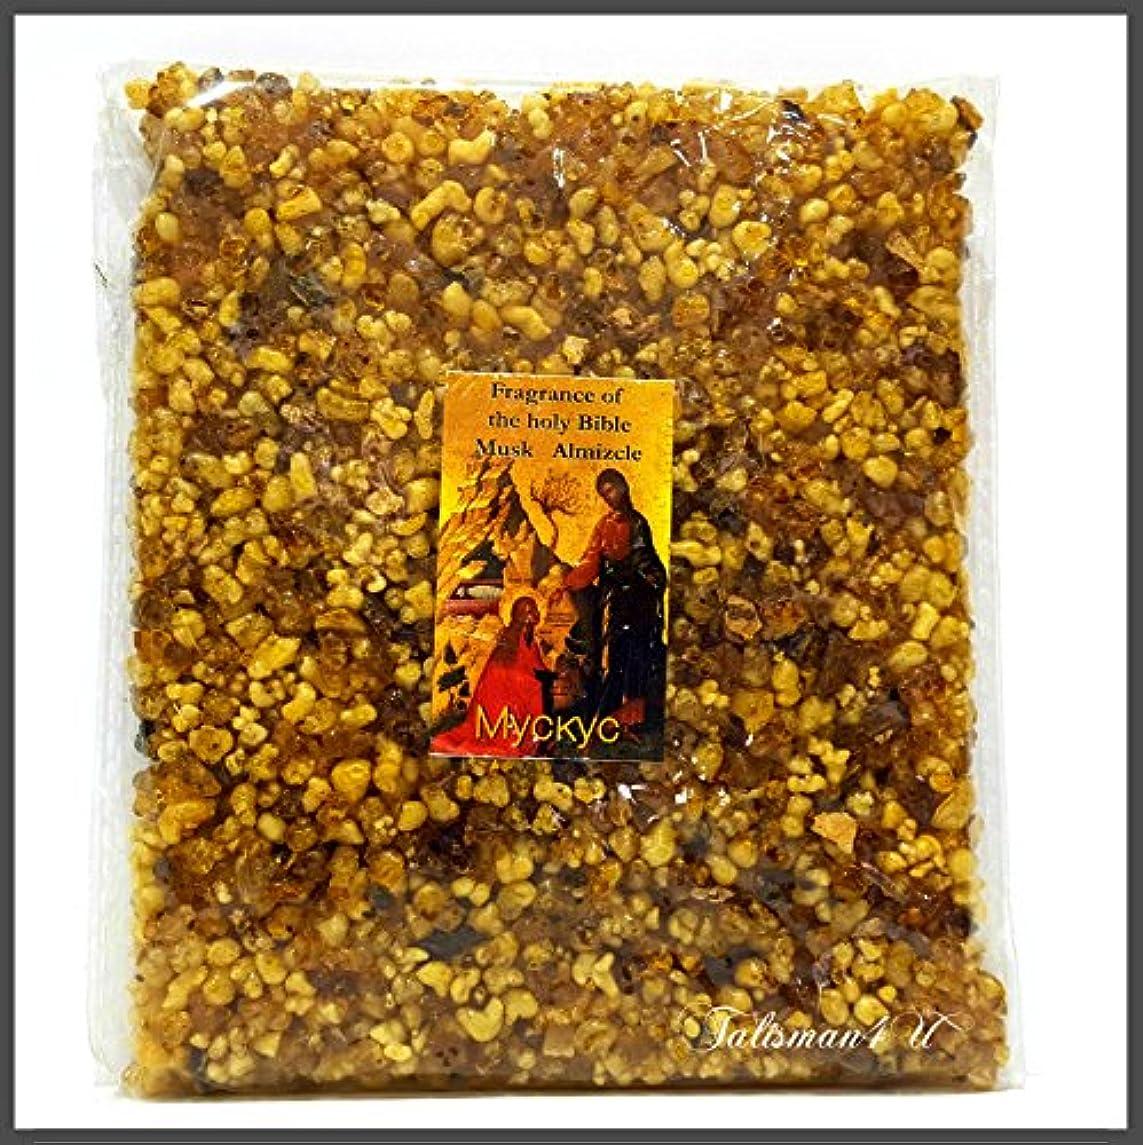 幹変数パスタムスクエルサレムIncense樹脂Aromatic Almizcle Frankincense of the Holy Land 3.5 Oz/100 g